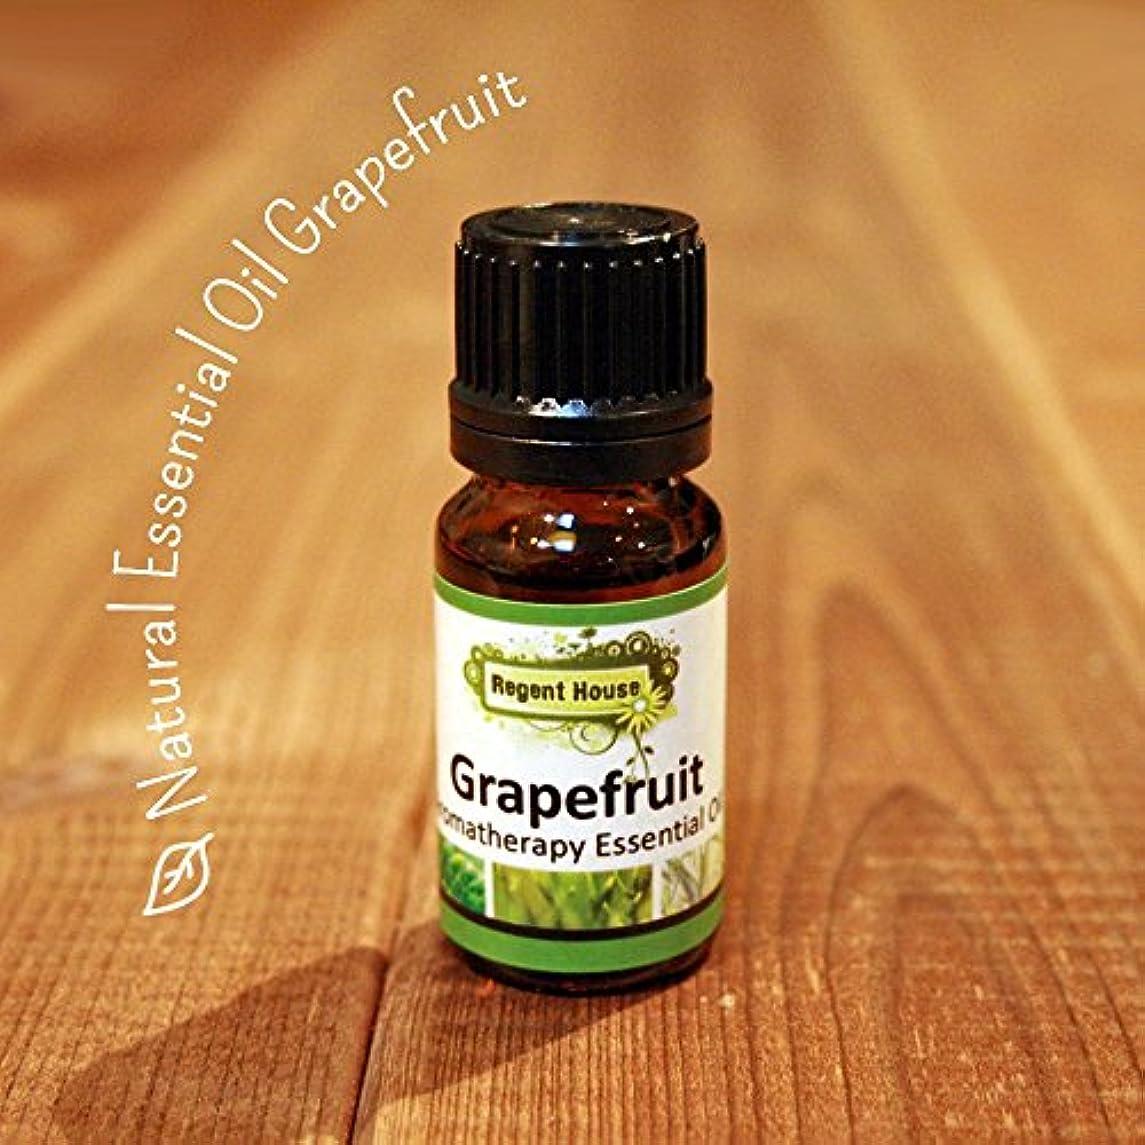 暗殺矢コードレスナチュラルエッセンシャルオイル グレープフルーツ(Grapefruit)